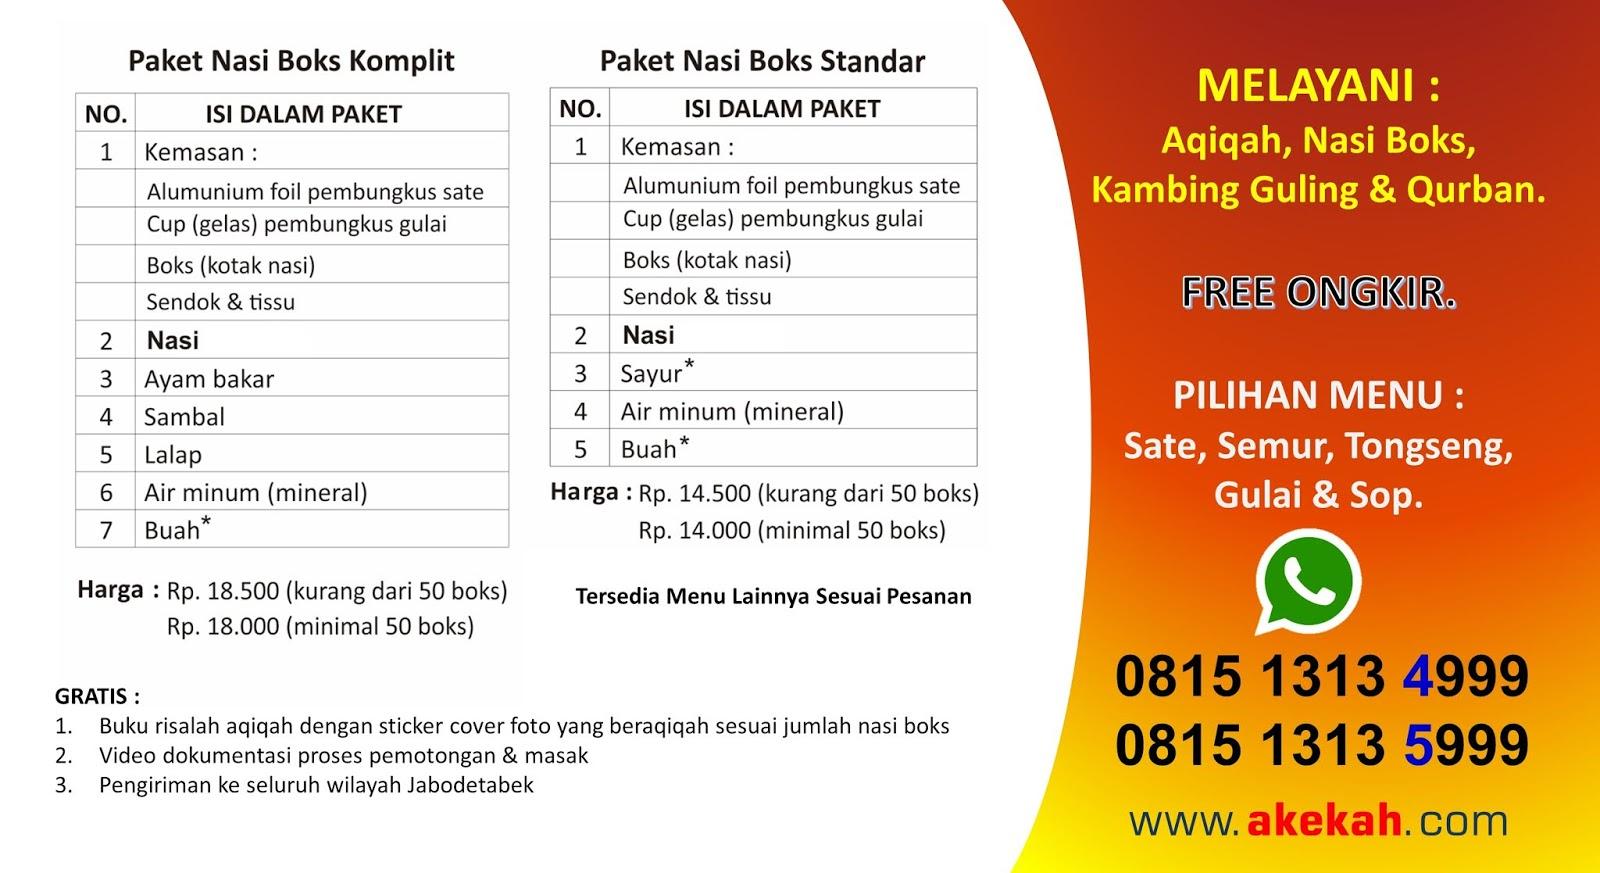 Harga Paket Akikah & Catering Plus Untuk Anak Laki-Laki Di Daerah Kabupaten Bogor Jawa Barat